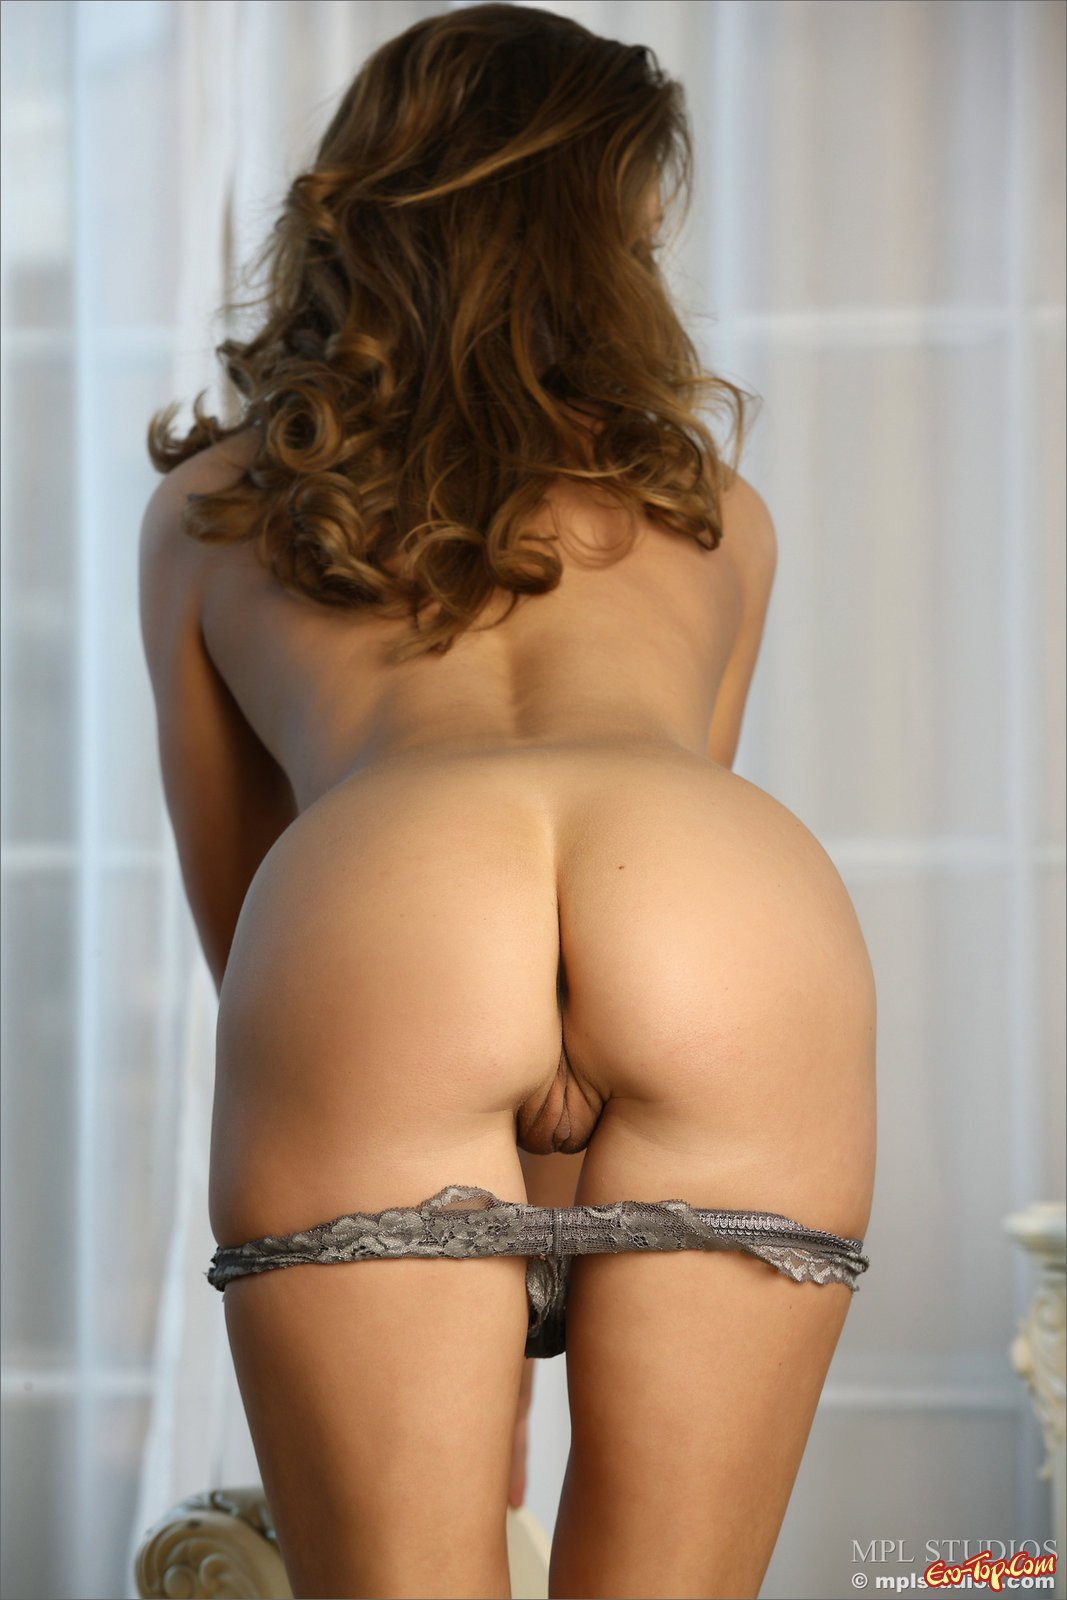 Девушка стягивает нижнее бельё